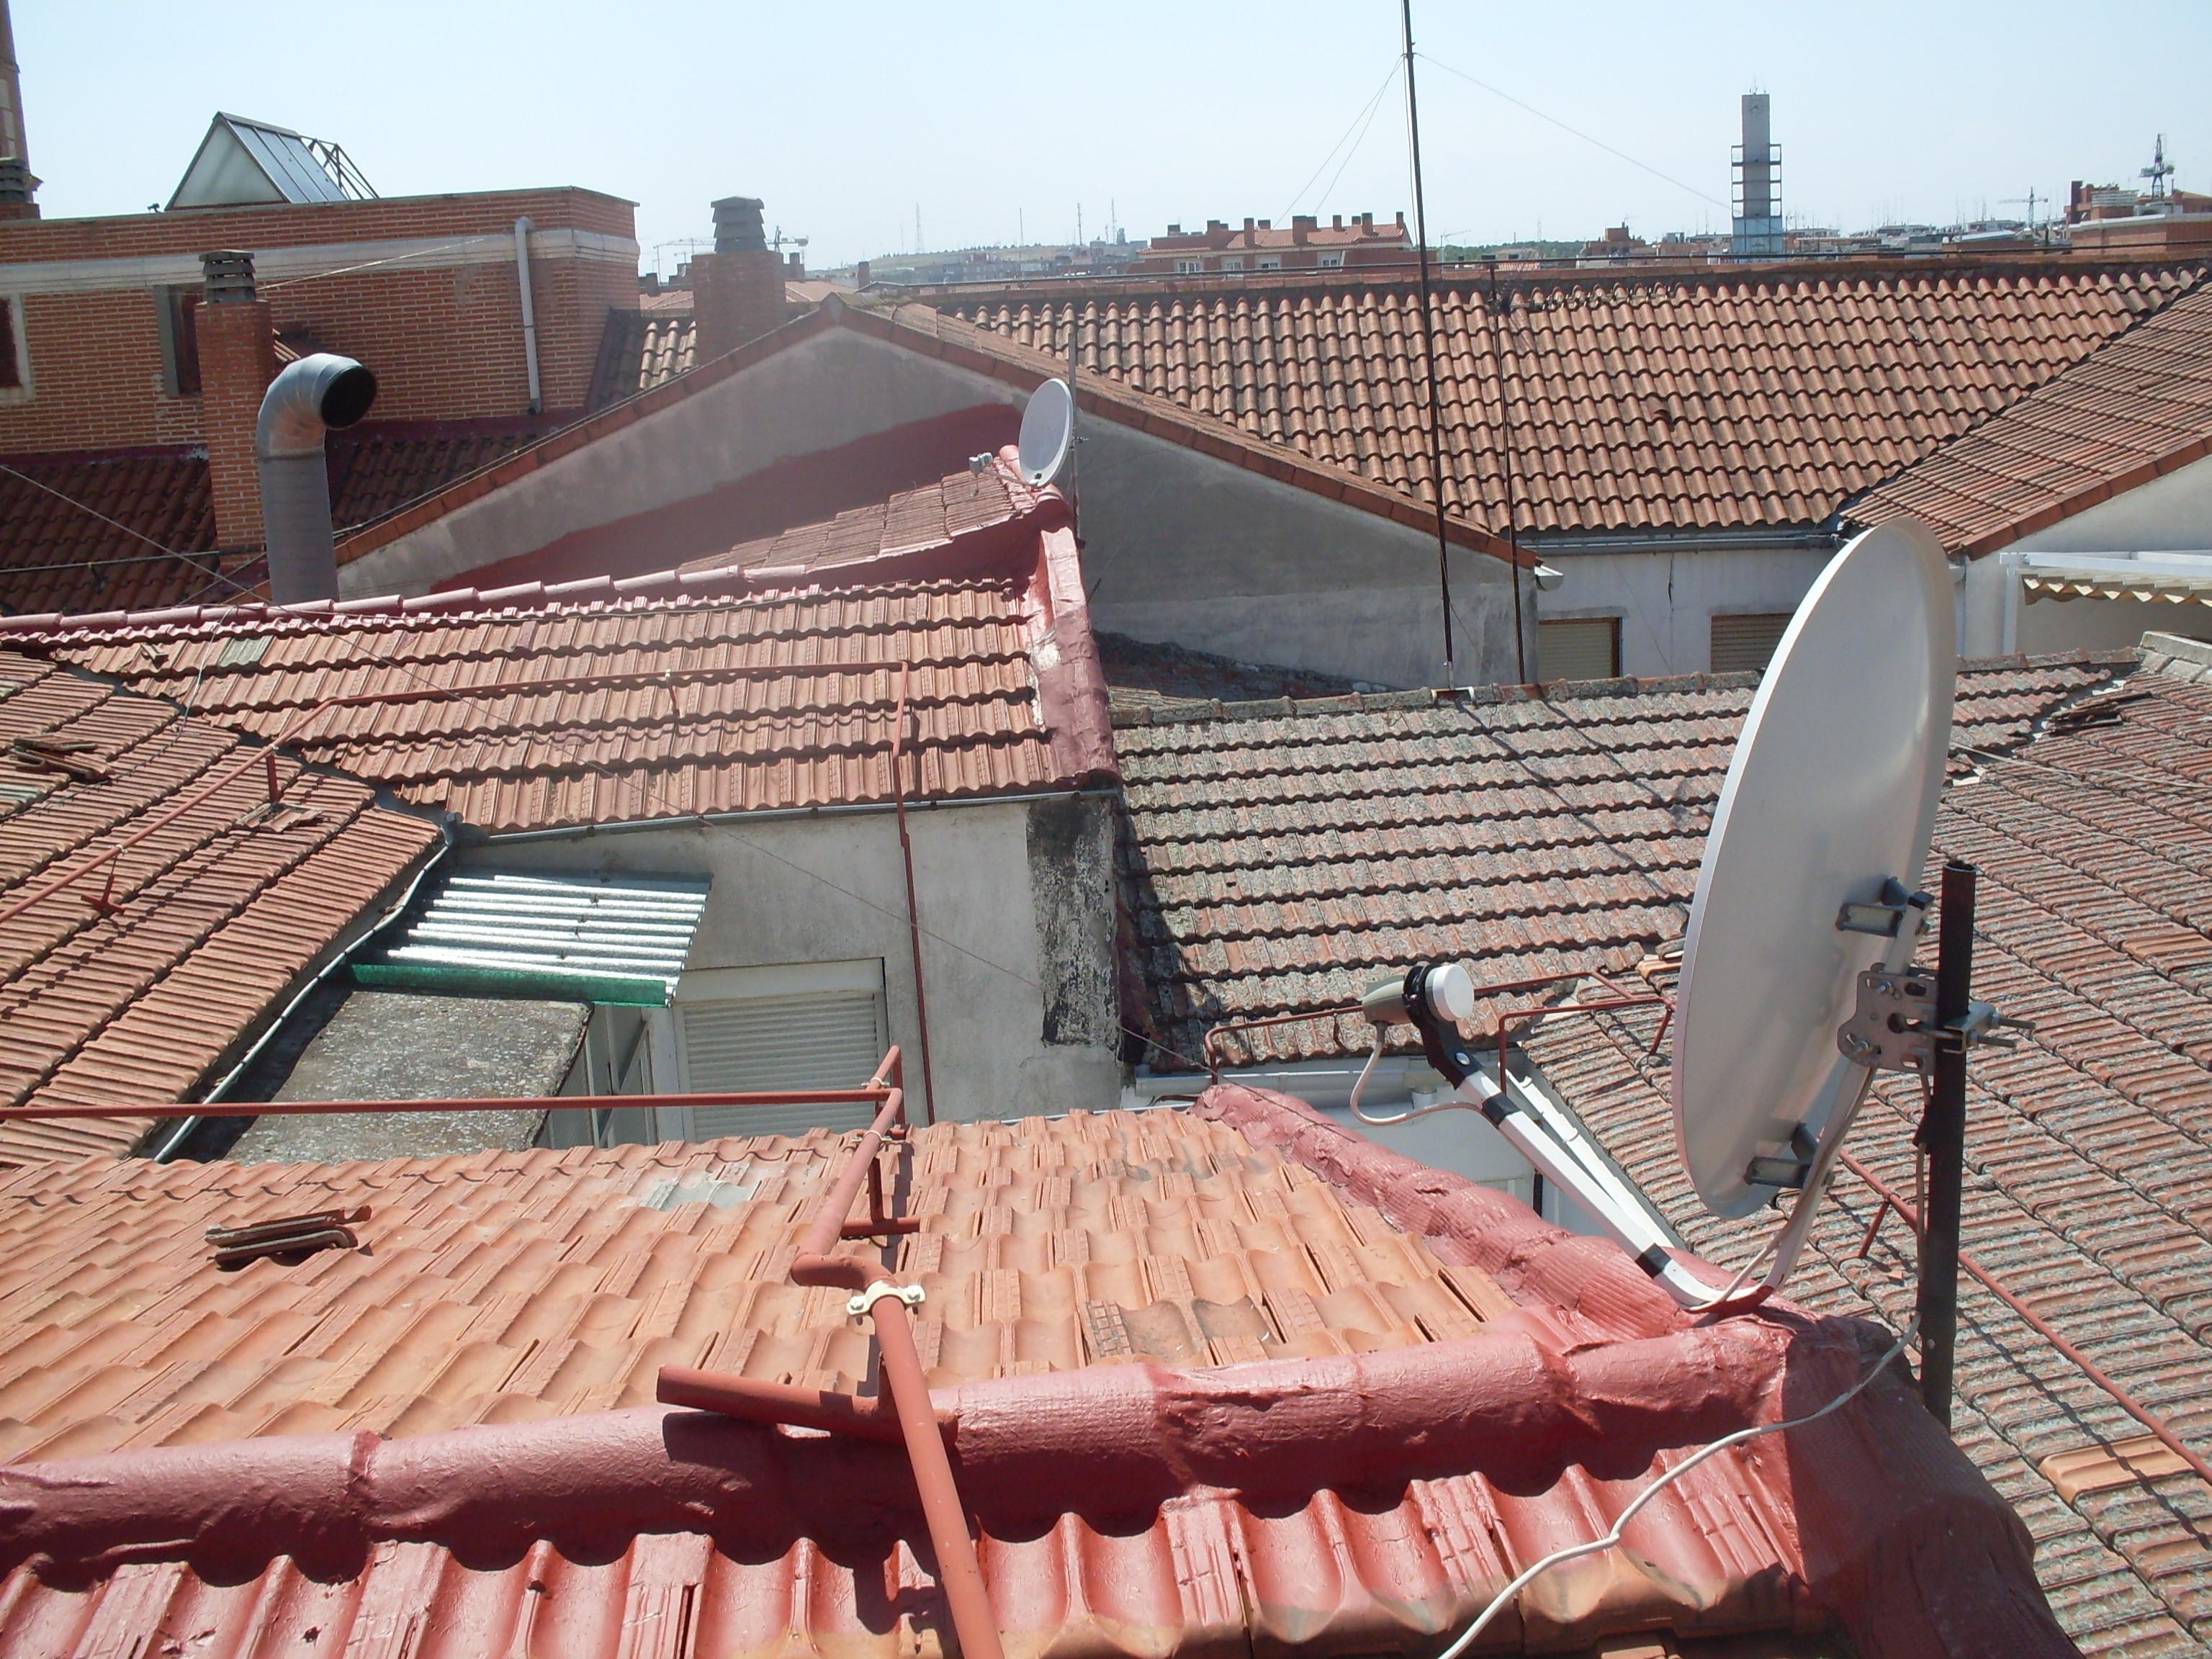 Rehabilitacion cubiertas y tejados madrid impermeabilizacion madrid monocapa revocos - Tejados y cubiertas ...